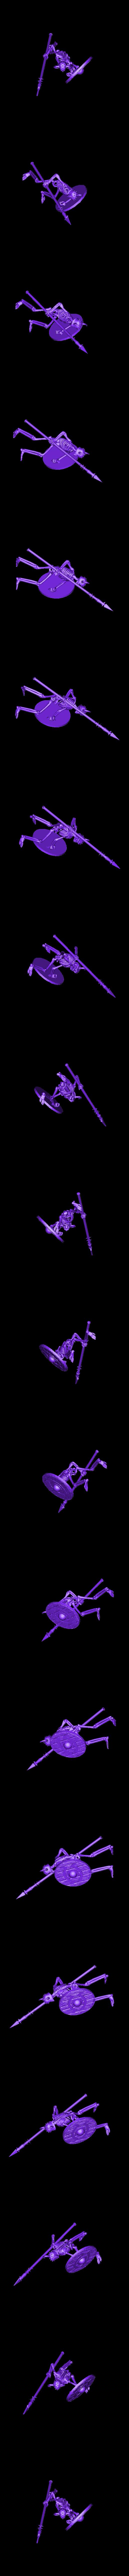 Skeleton_2.stl Télécharger fichier 3MF gratuit Spooky Scary Skeleton Warriors • Design pour imprimante 3D, EmanG